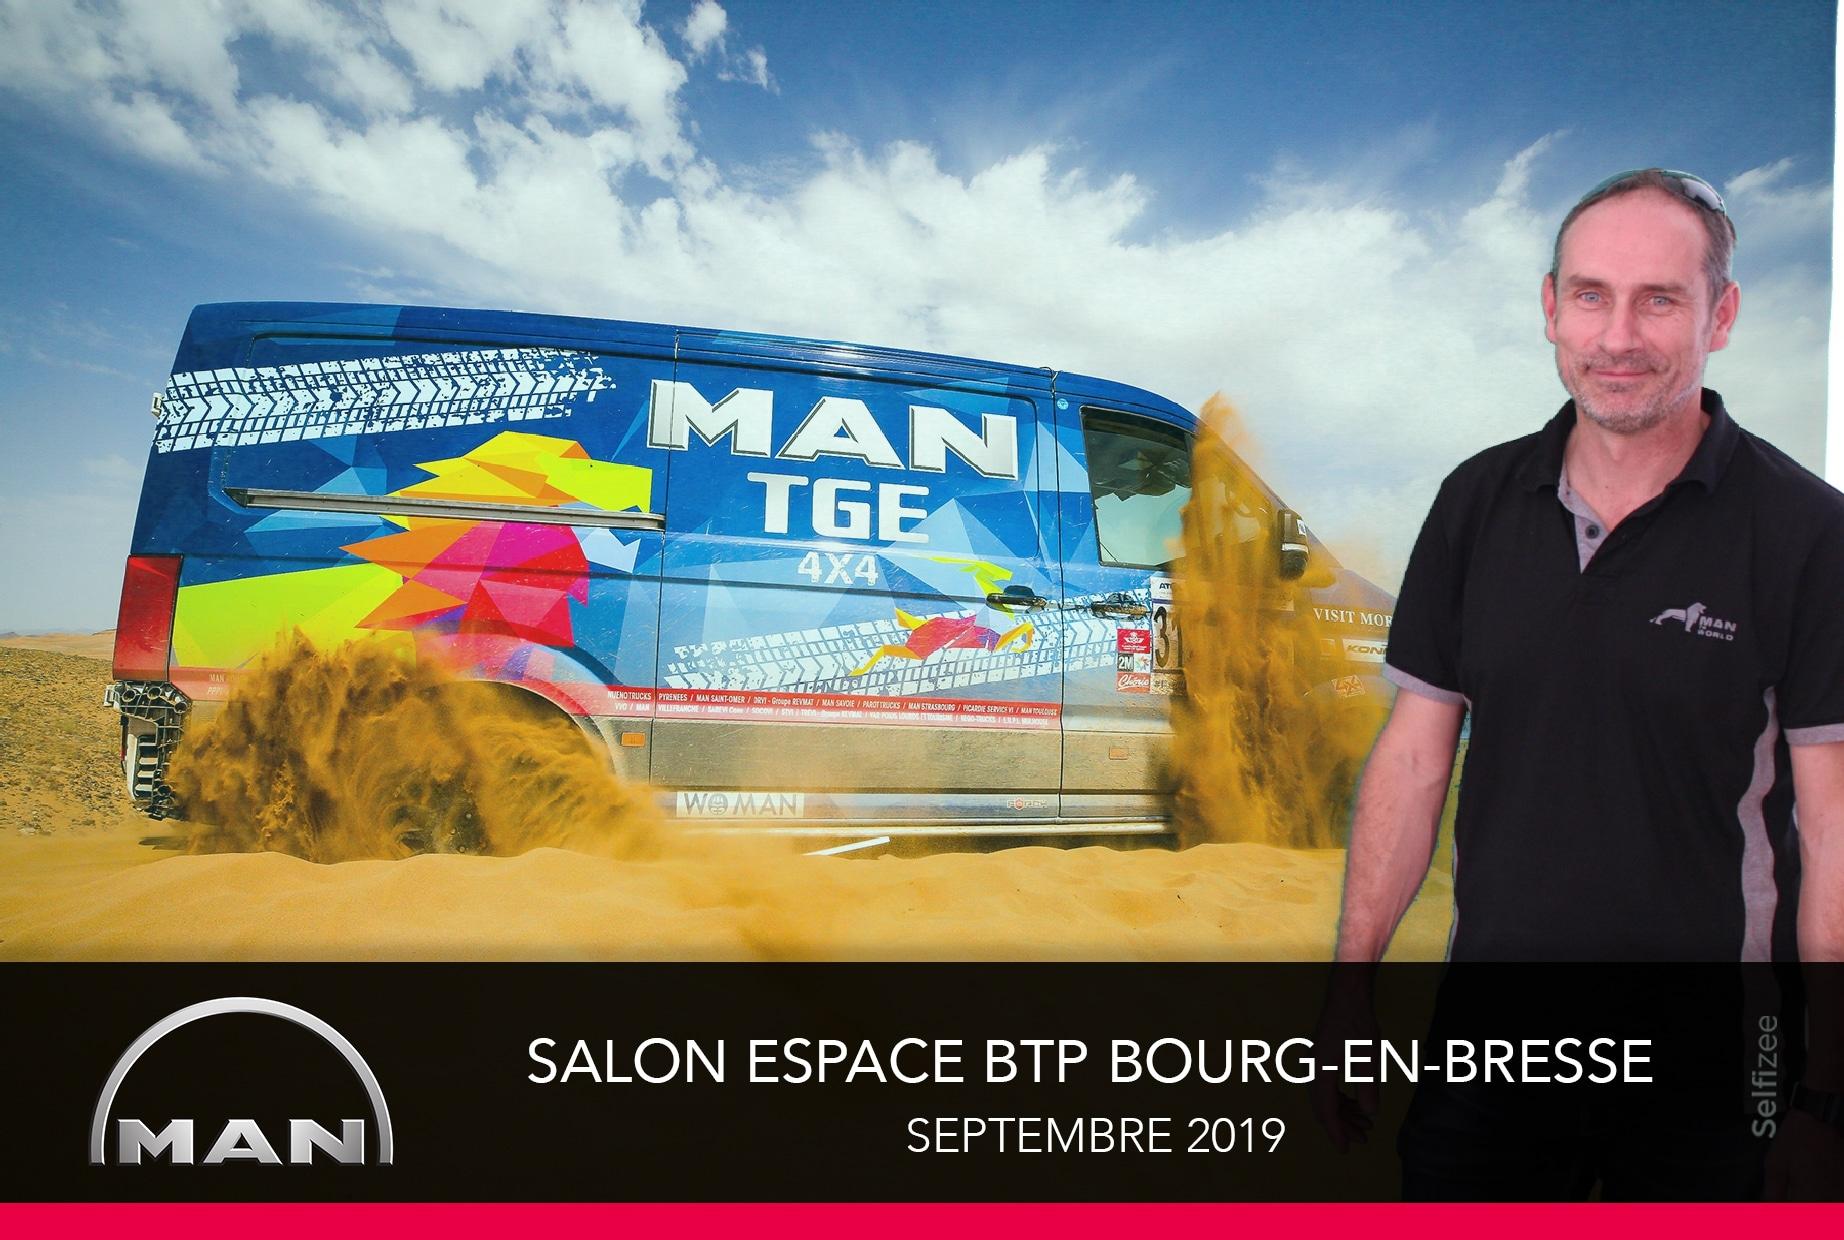 Borne photo et animation fond vert au stand MAN Truck & Bus du salon BTP 2019 Ainterexpo Bourg en Bresse avec impressions selfies des visiteurs